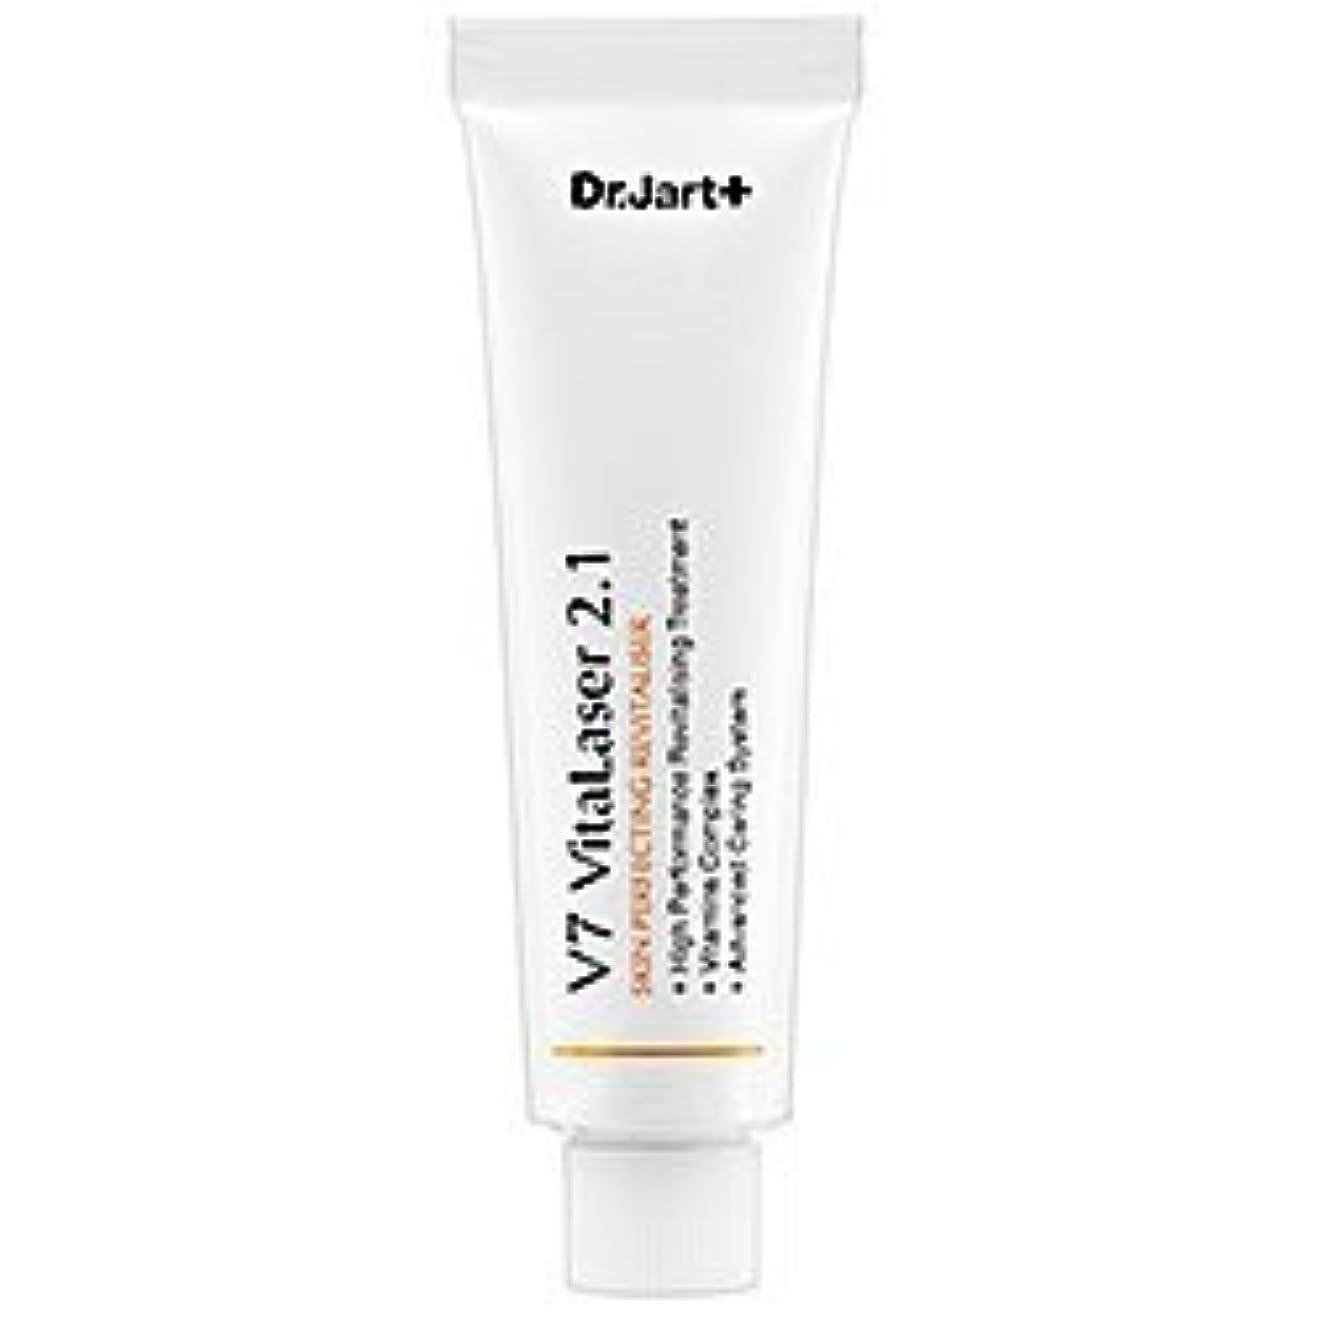 聖歌寛大さぎこちないDr. Jart+ V7 Vitalaser 2.1 Skin Moisturizer 30 ml [並行輸入品]